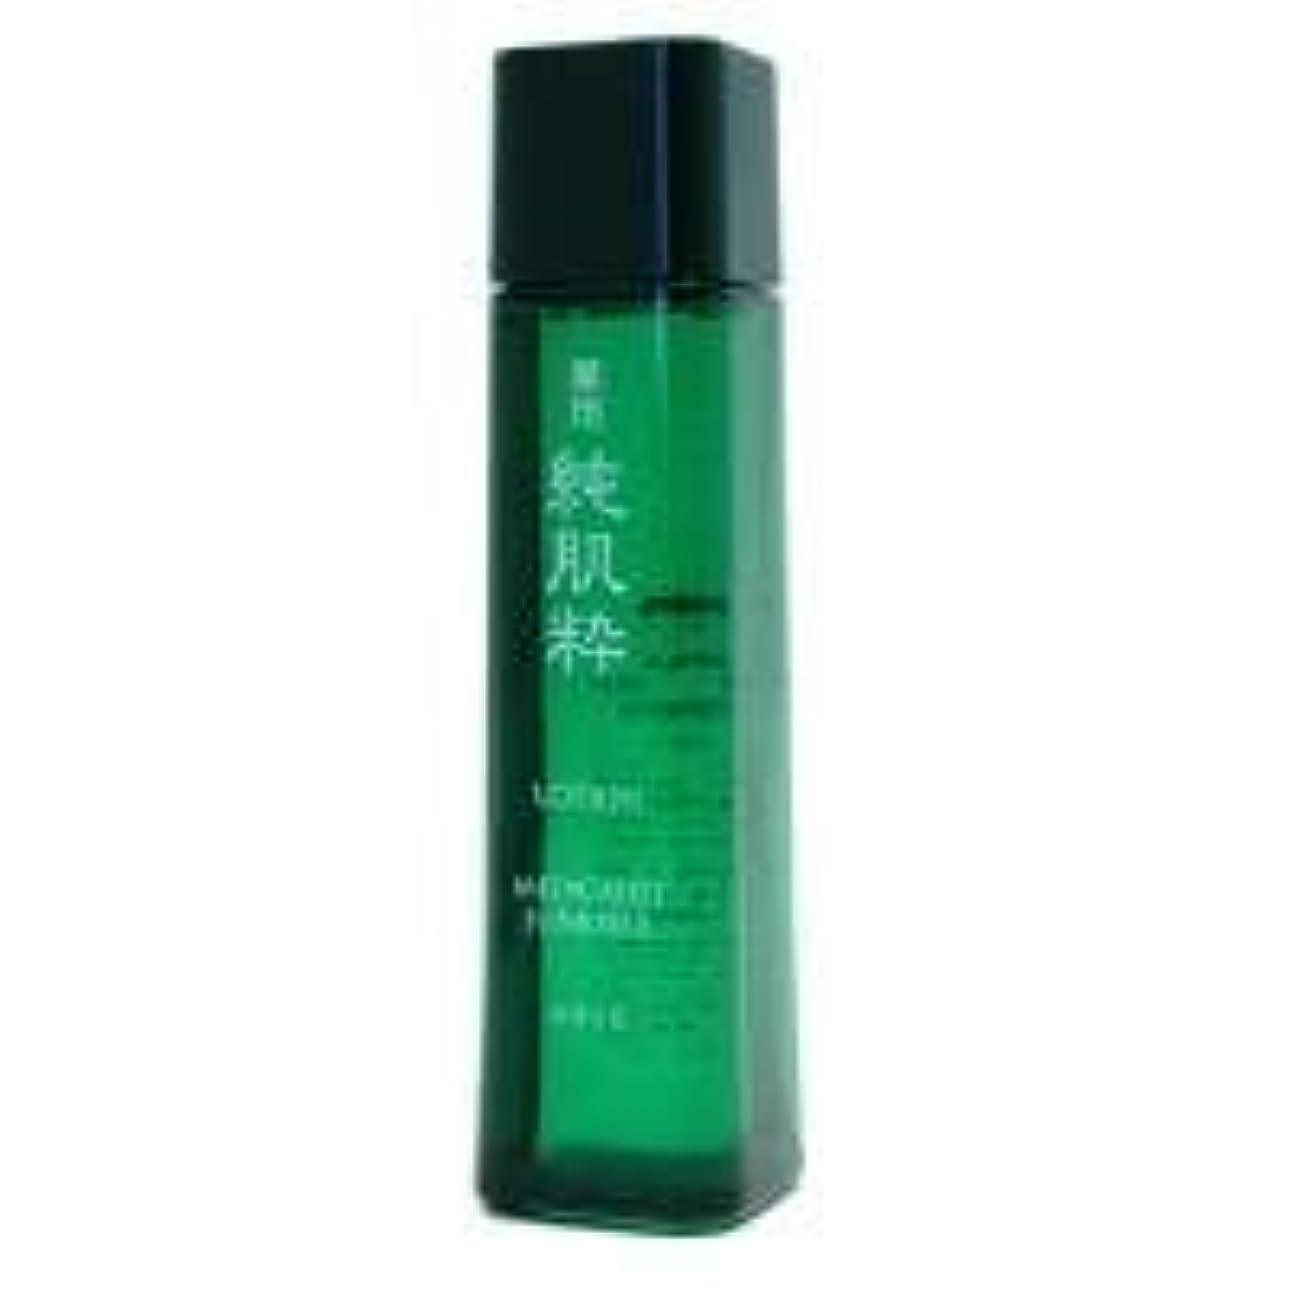 おとなしい有効化すべてコーセー 薬用 純肌粋 化粧水 150ml